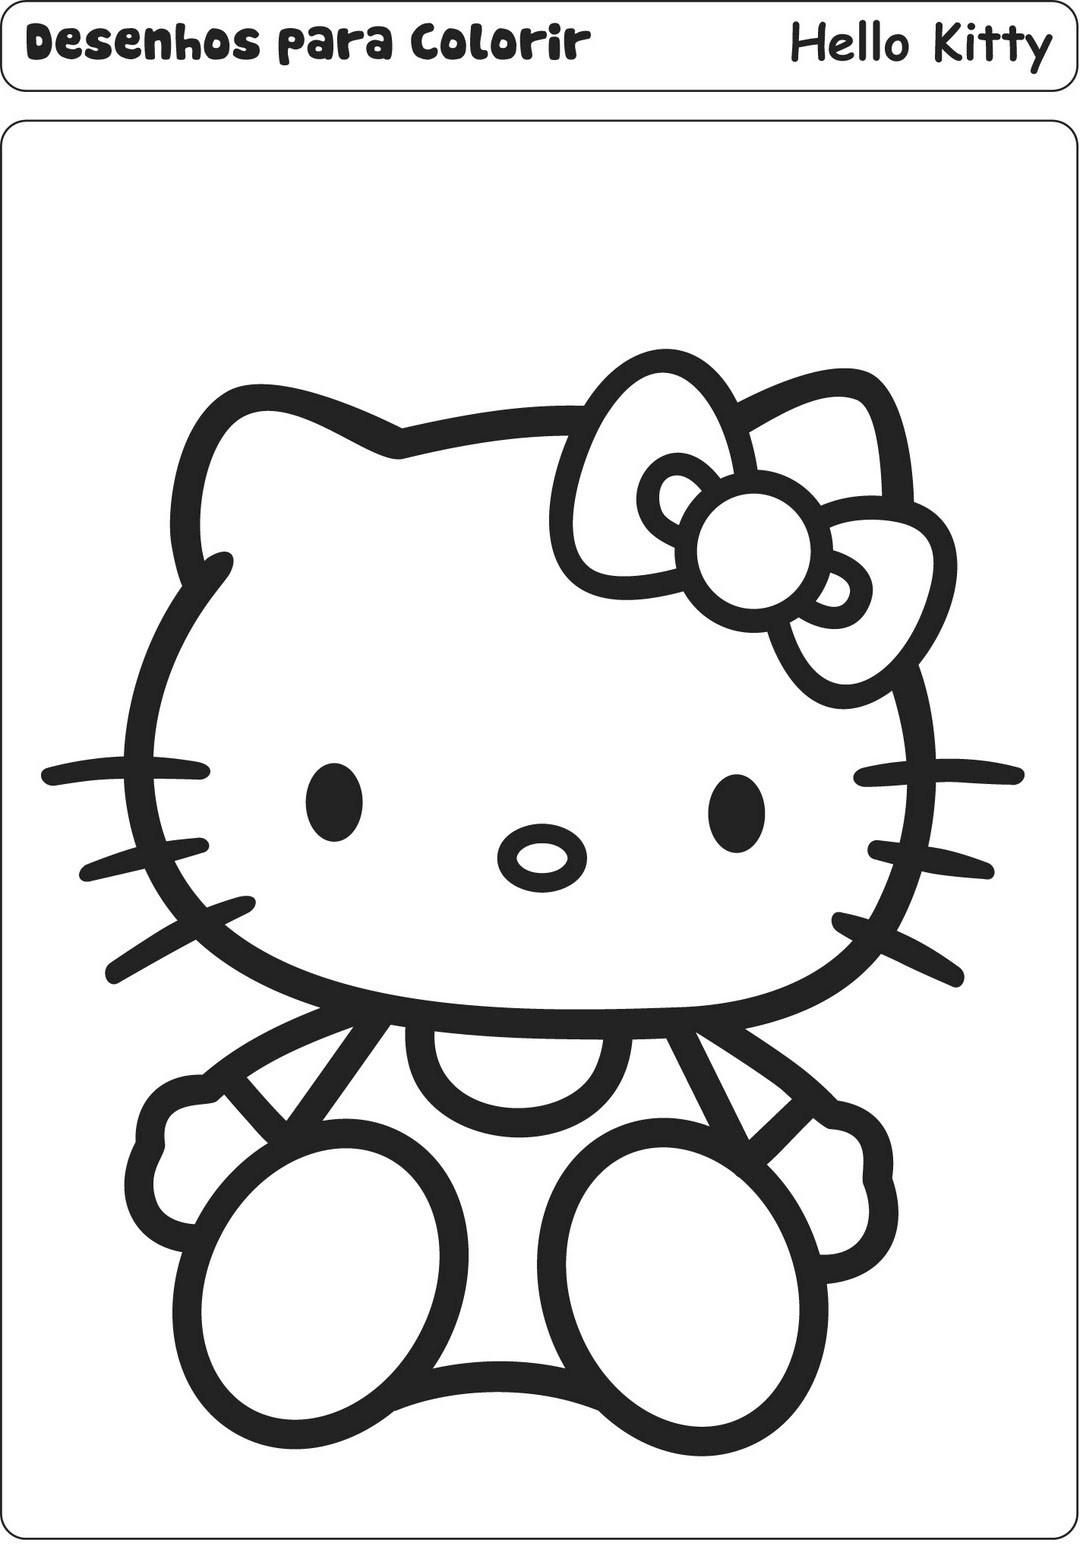 Desenho como desenhar princesa hello kitty pintar e colorir